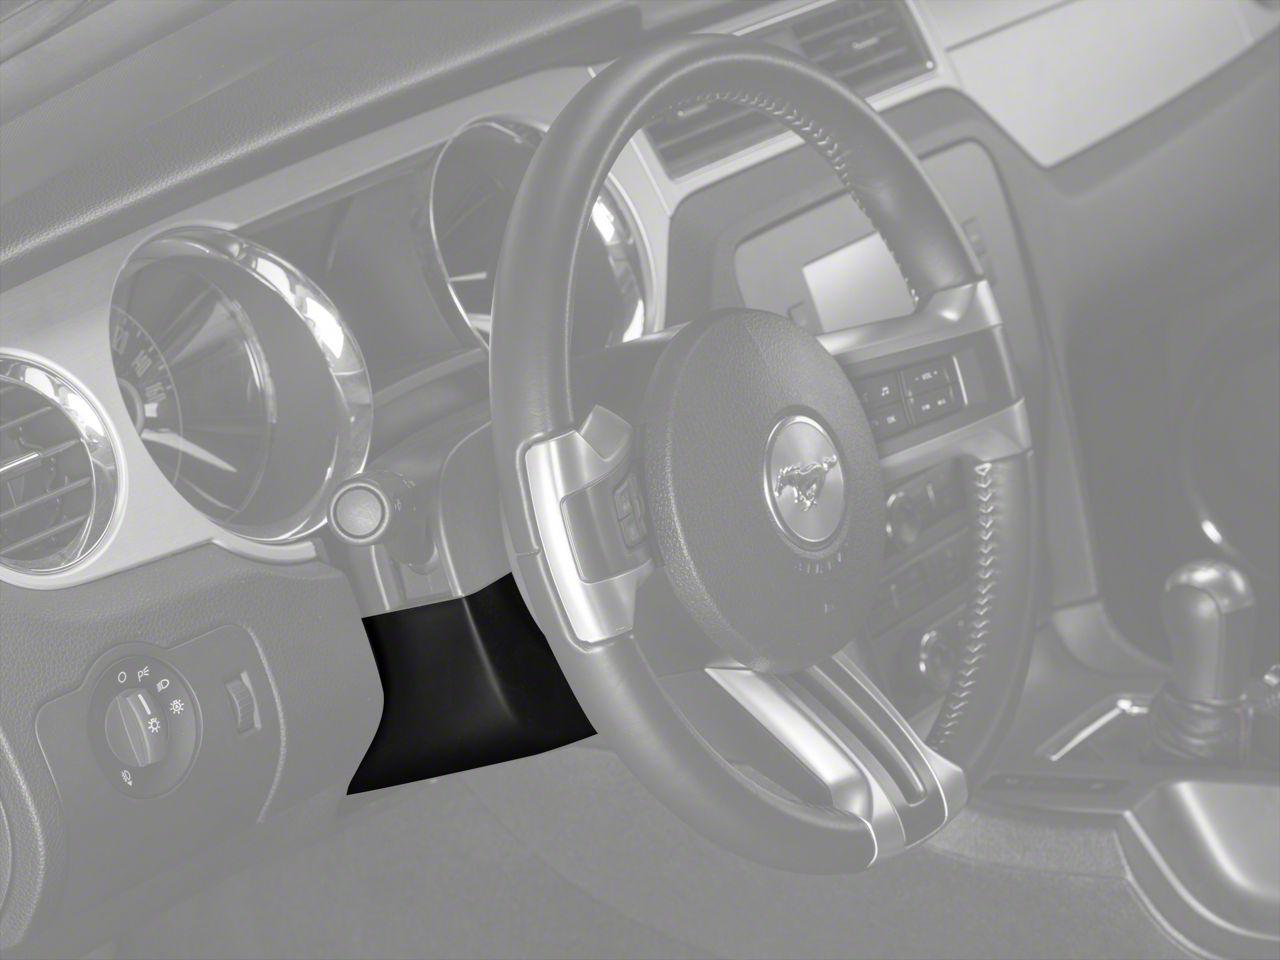 Ford Lower Steering Column Shroud (10-14 All)